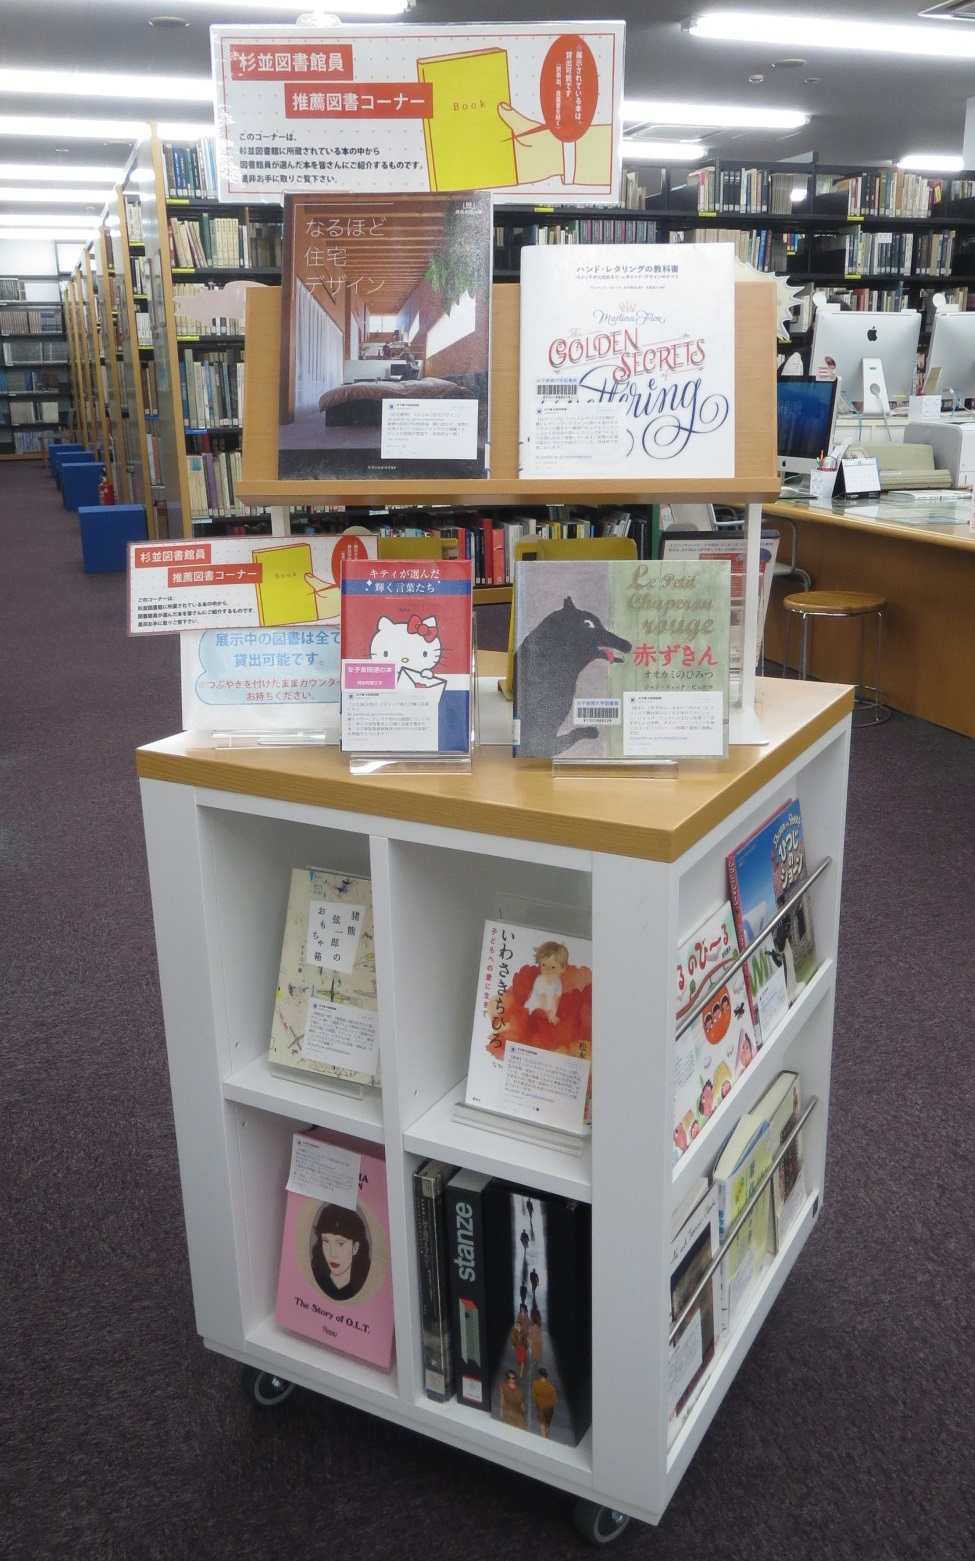 杉並図書館員推薦図書コーナー 8月